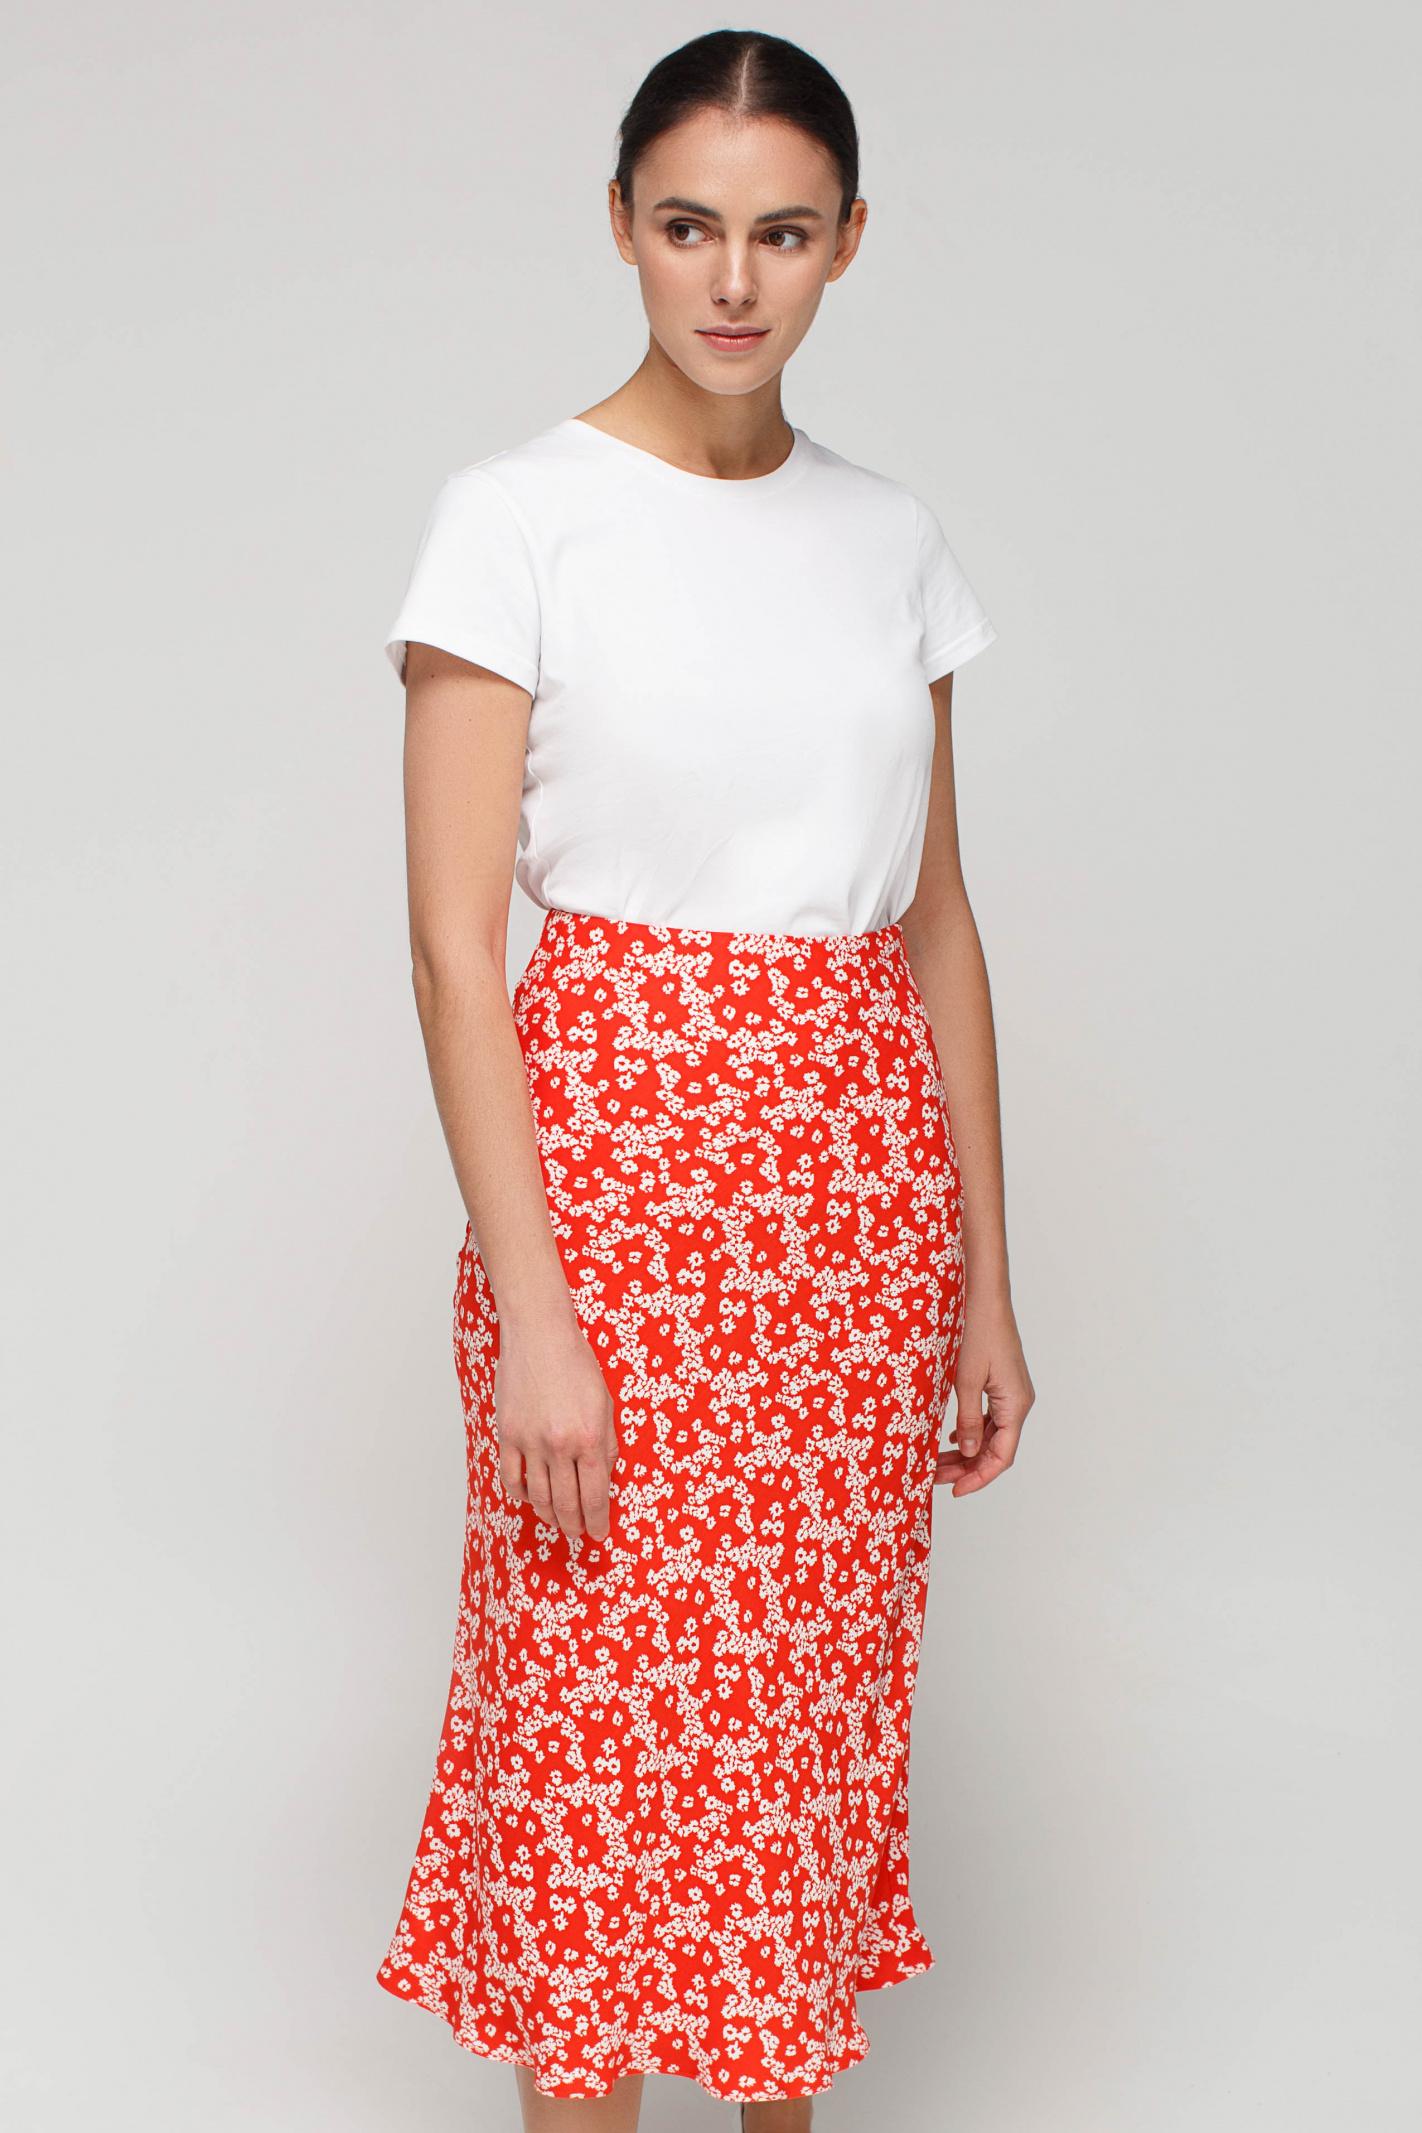 Юбка женские MustHave модель 7620 купить, 2017